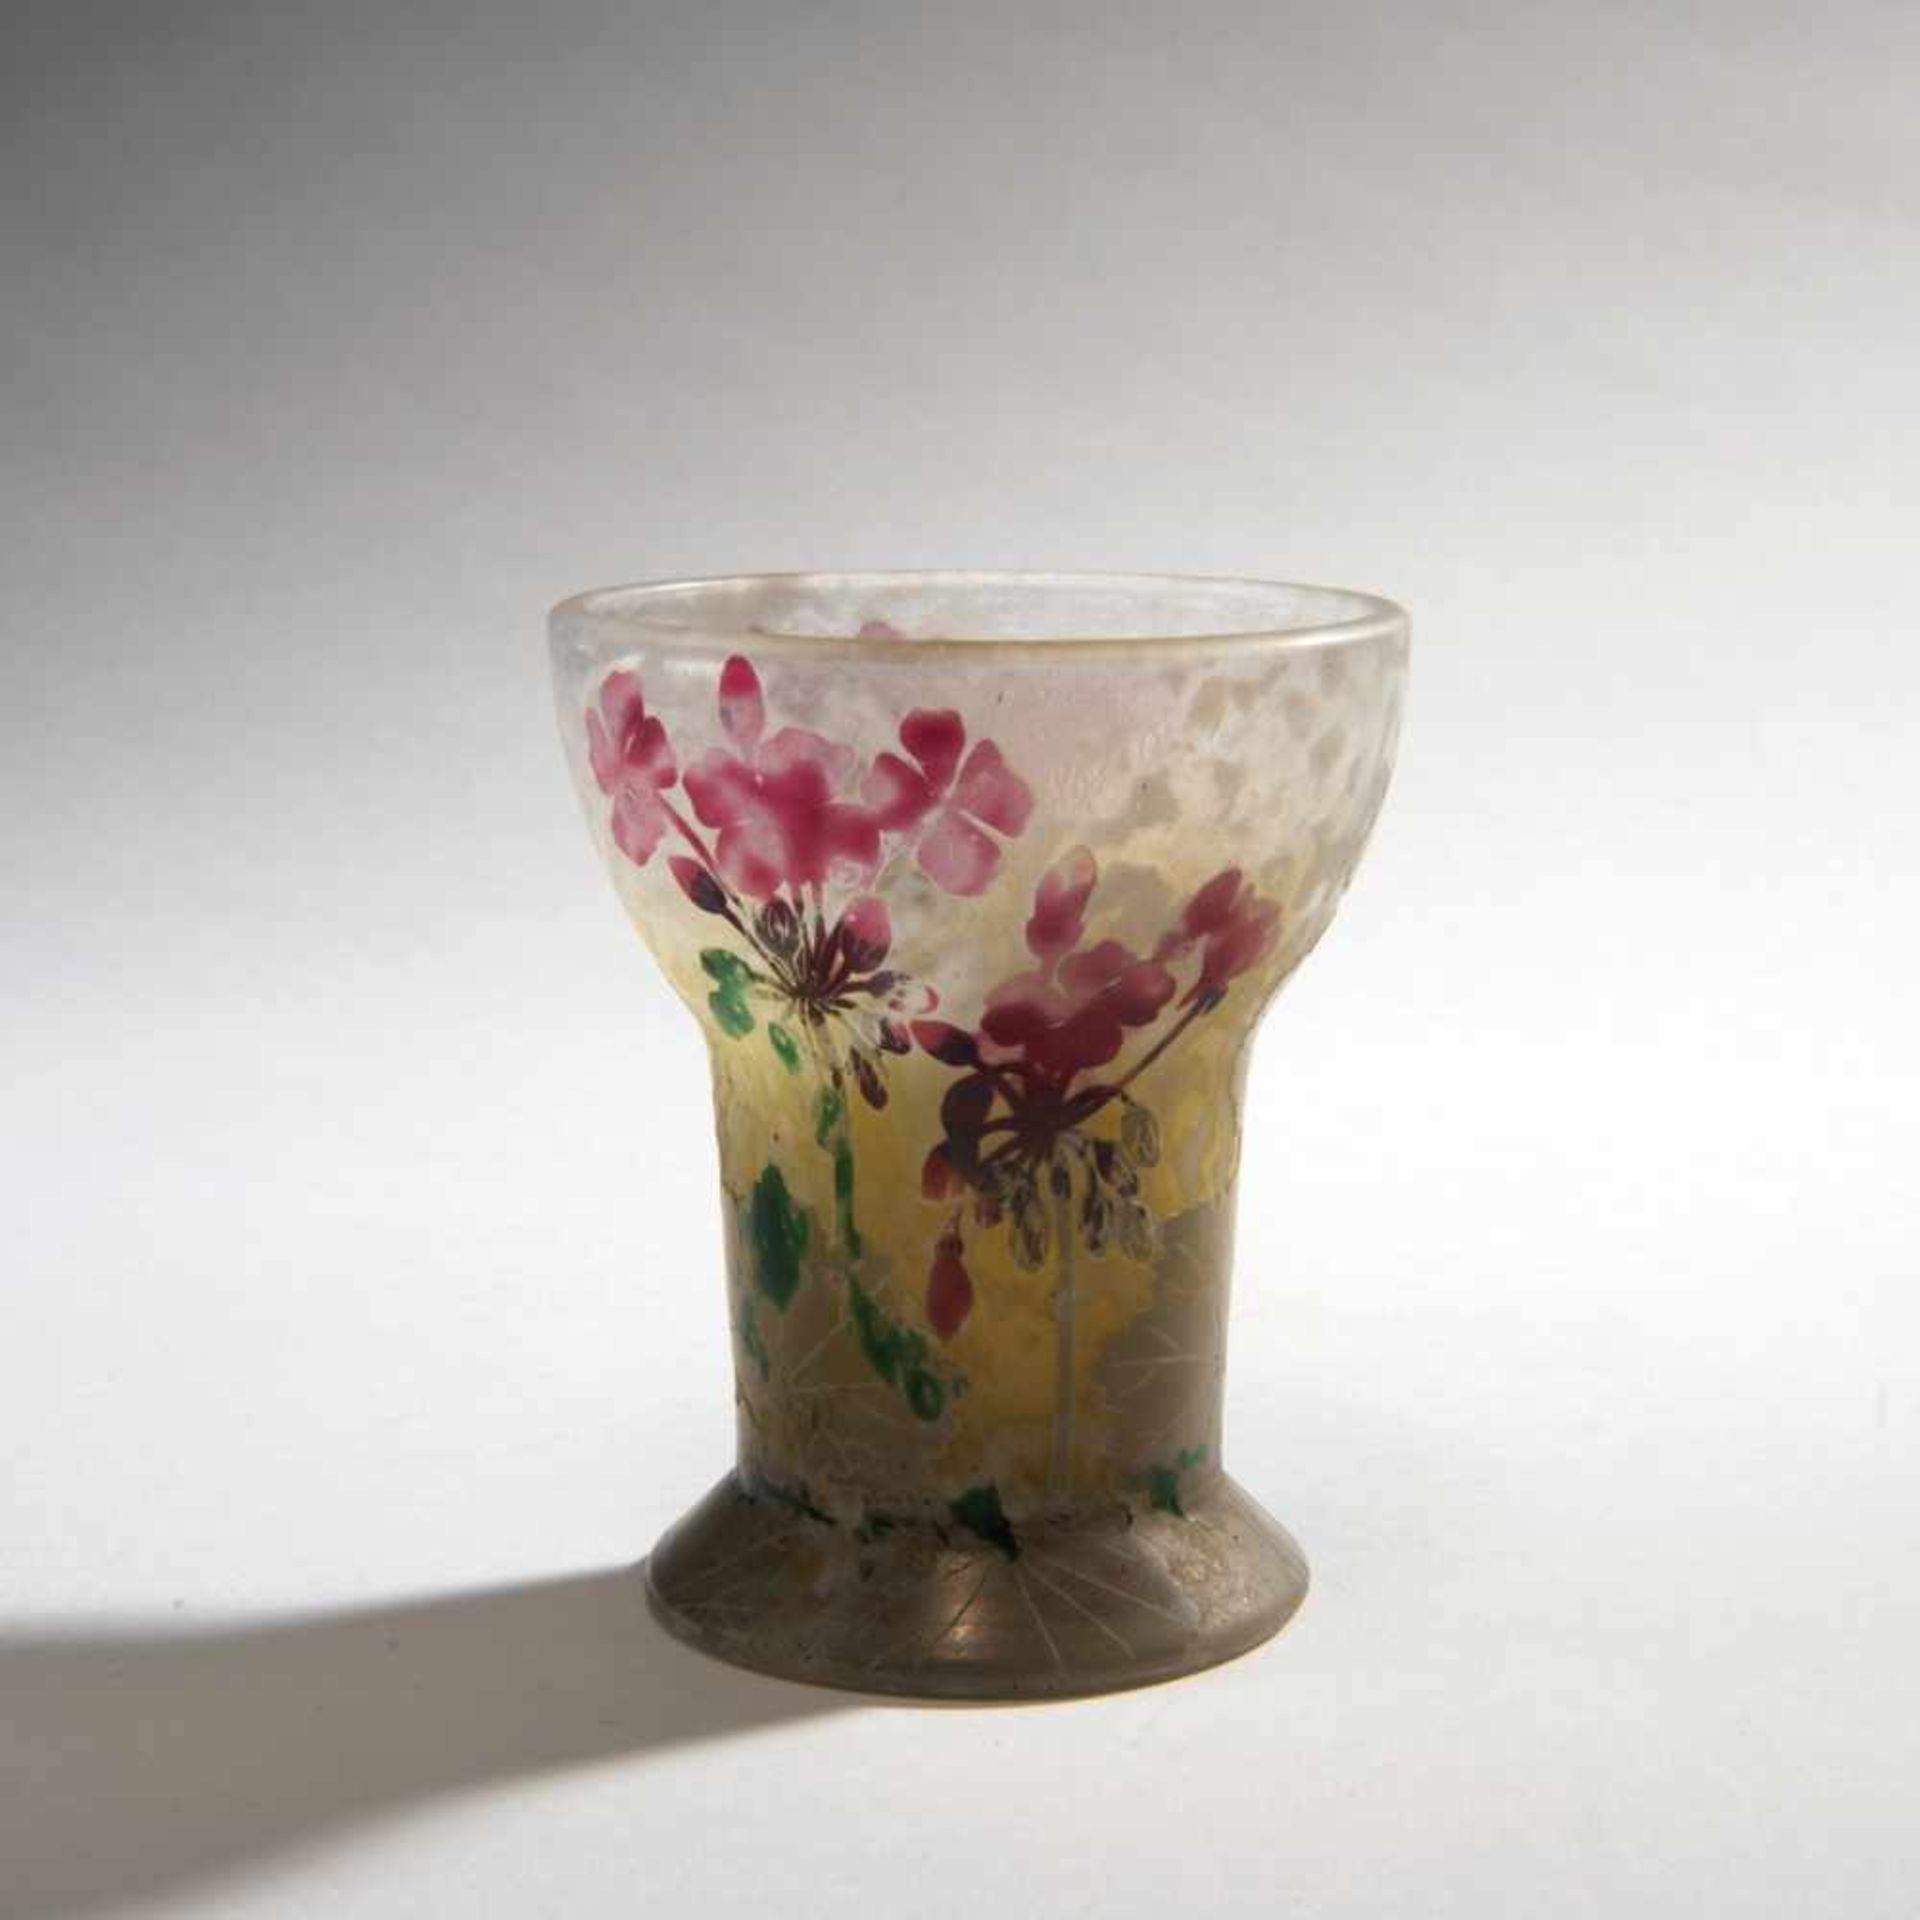 Daum Frères, Nancy, 'Géraniums, Pâte grise' vase, 1902